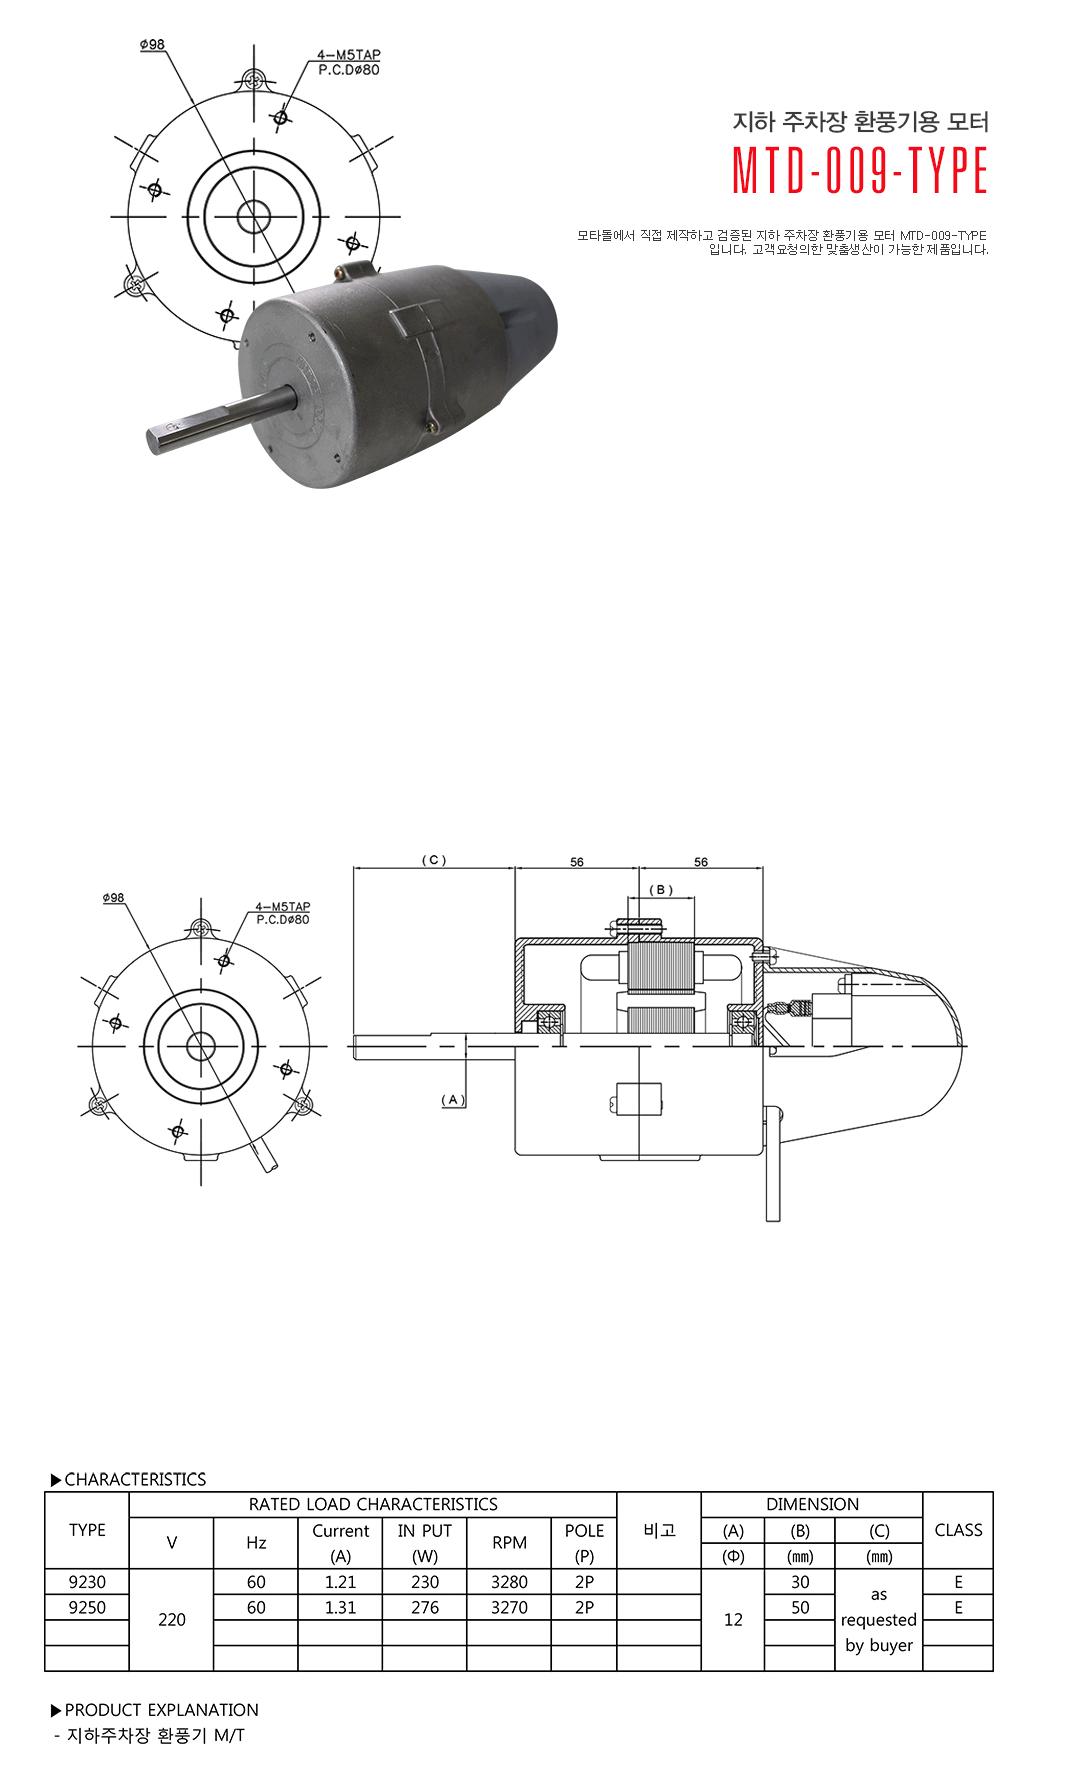 모타돌 지하 주차장 환풍기용 모터 MTD-009 Type